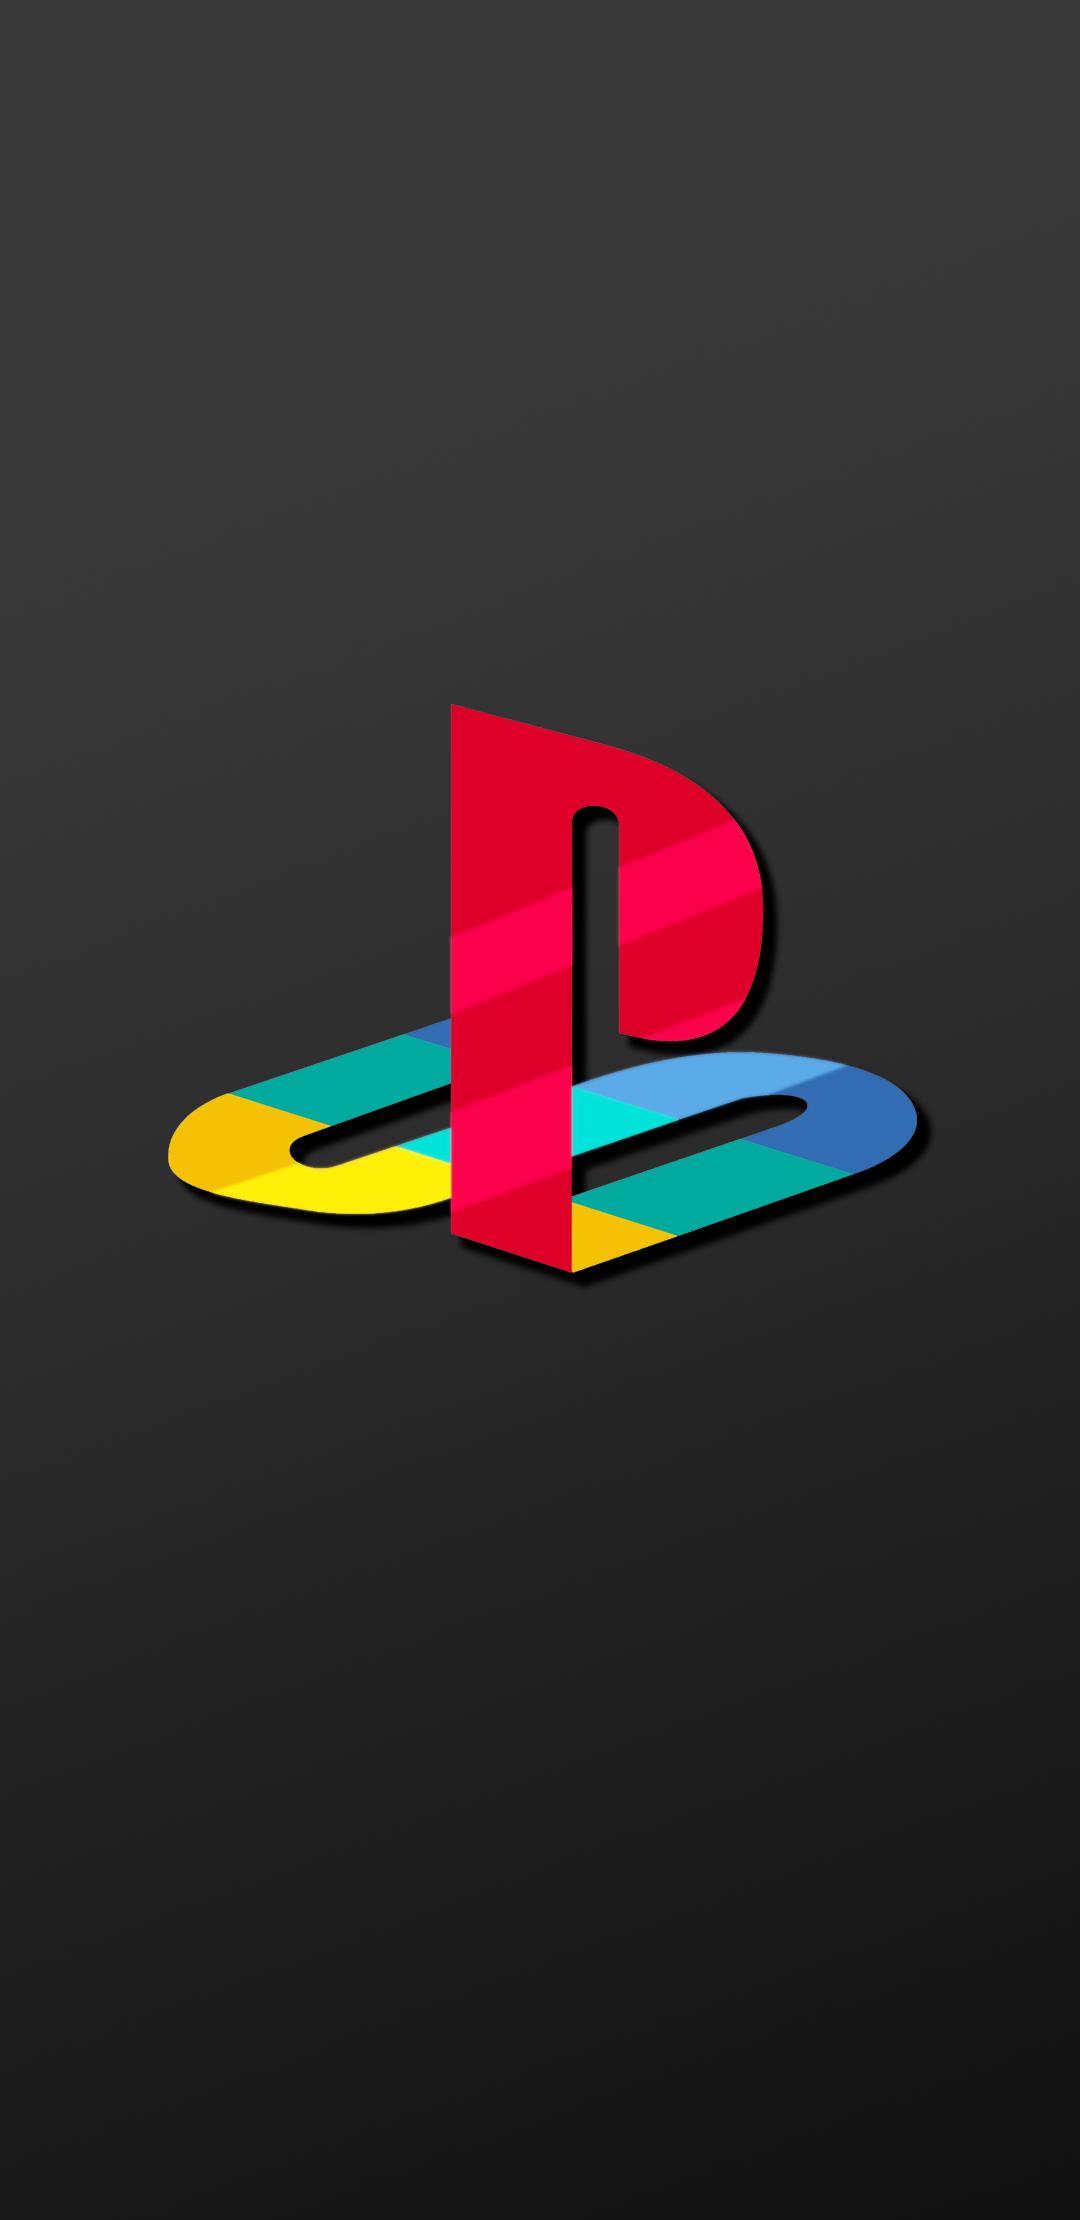 PlayStation Original Logo (just made it) imagens